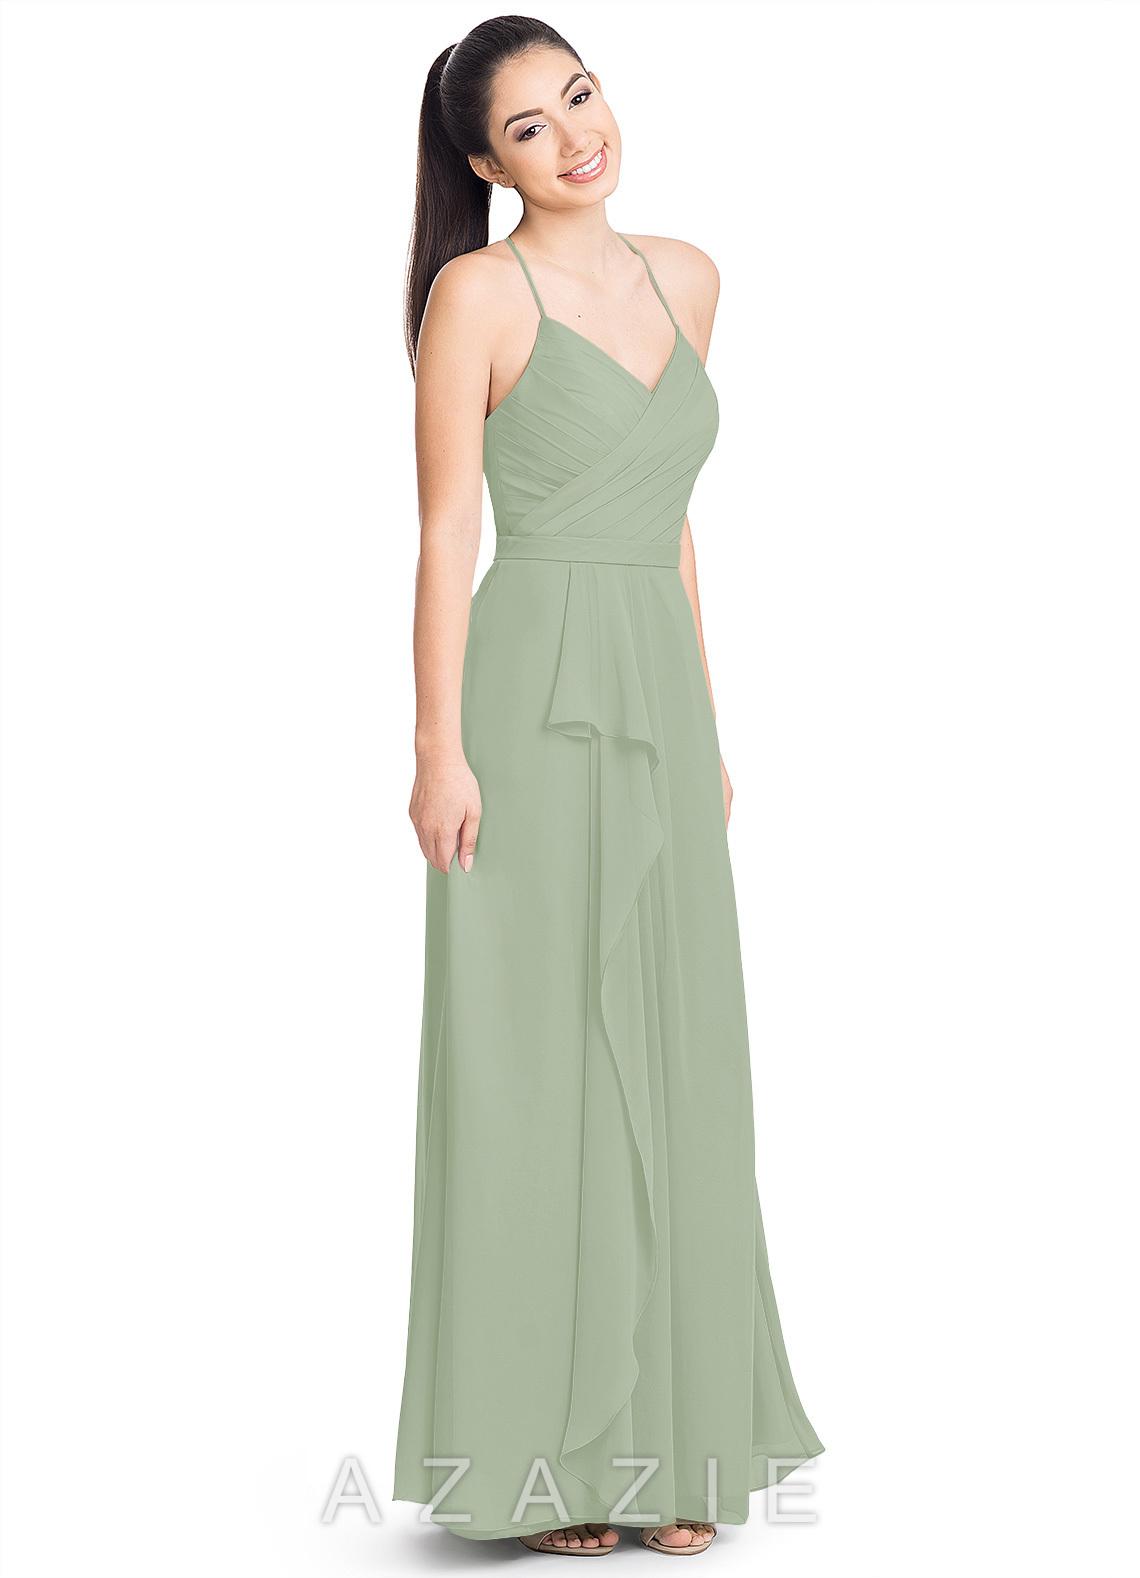 1ed2a6e4dec4 Azazie Dawn Bridesmaid Dress | Azazie